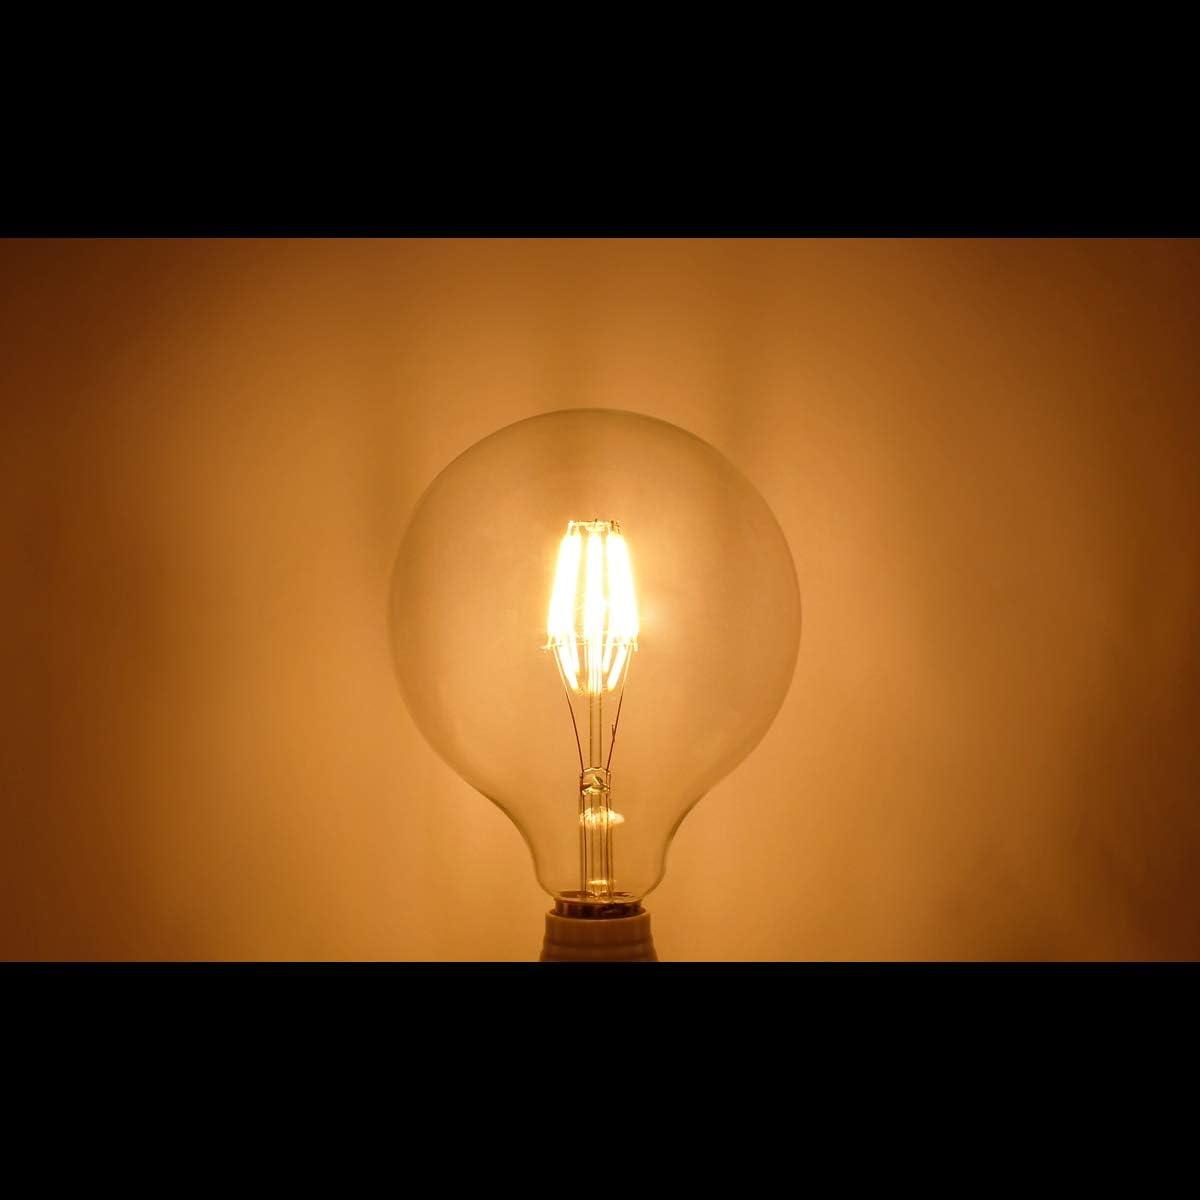 ECD Germany 10 x LED Filament de lampoule E27 Edison 8W 125 mm 816 Lumen 120 /° Angle de courant alternatif 220-240 V reste cach/é et remplace 45W Ampoule de Lampe incandescent Blanc Chaud